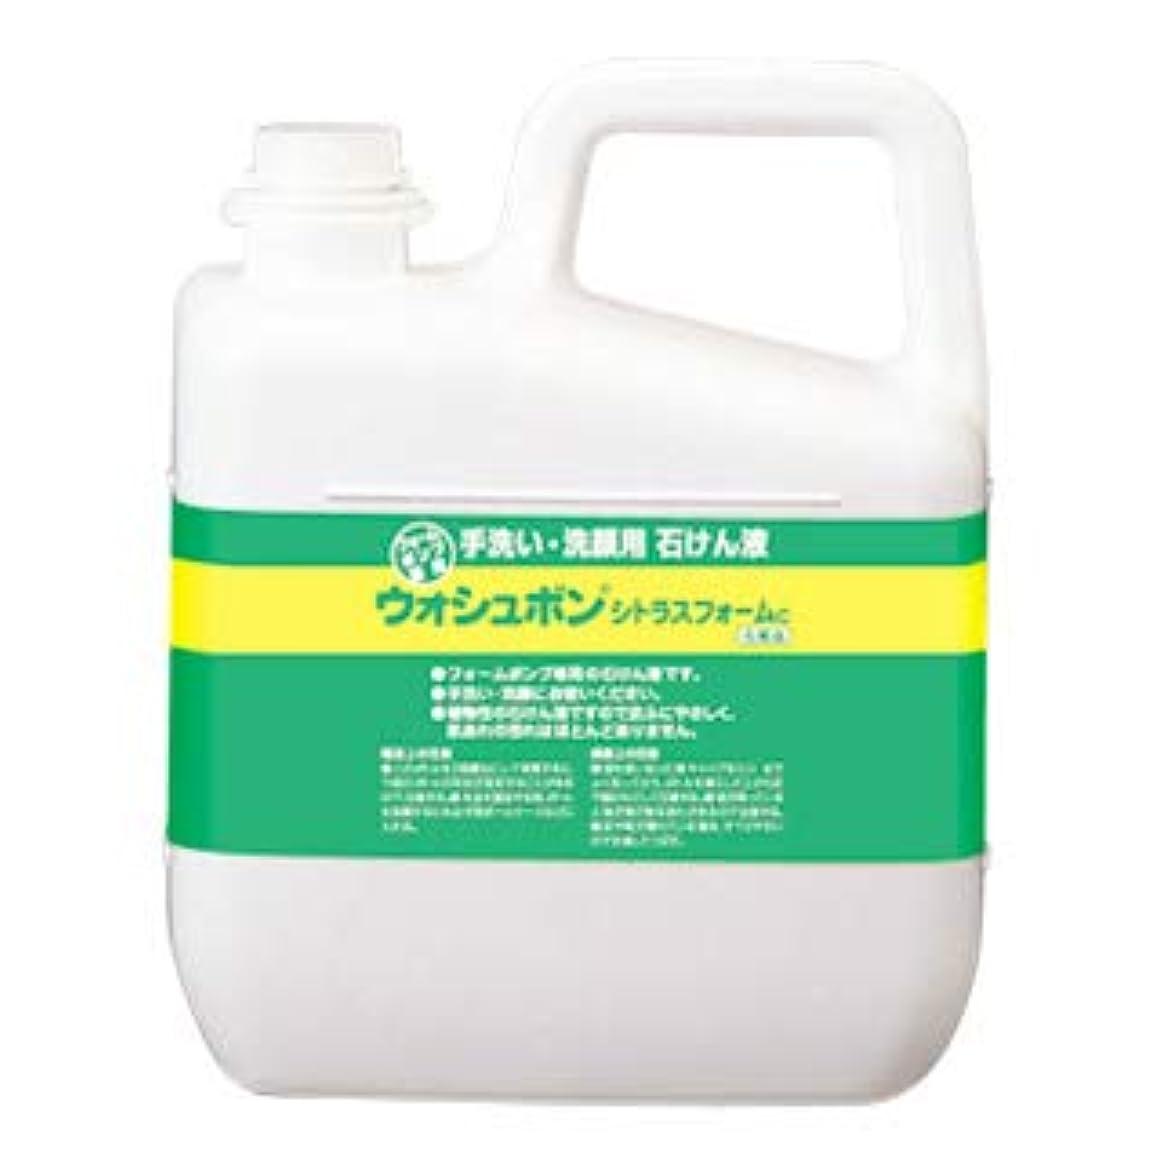 ドアミラー反論迫害サラヤ ウォシュボン 手洗い用石けん液 ウォシュボンシトラスフォームC 5kg